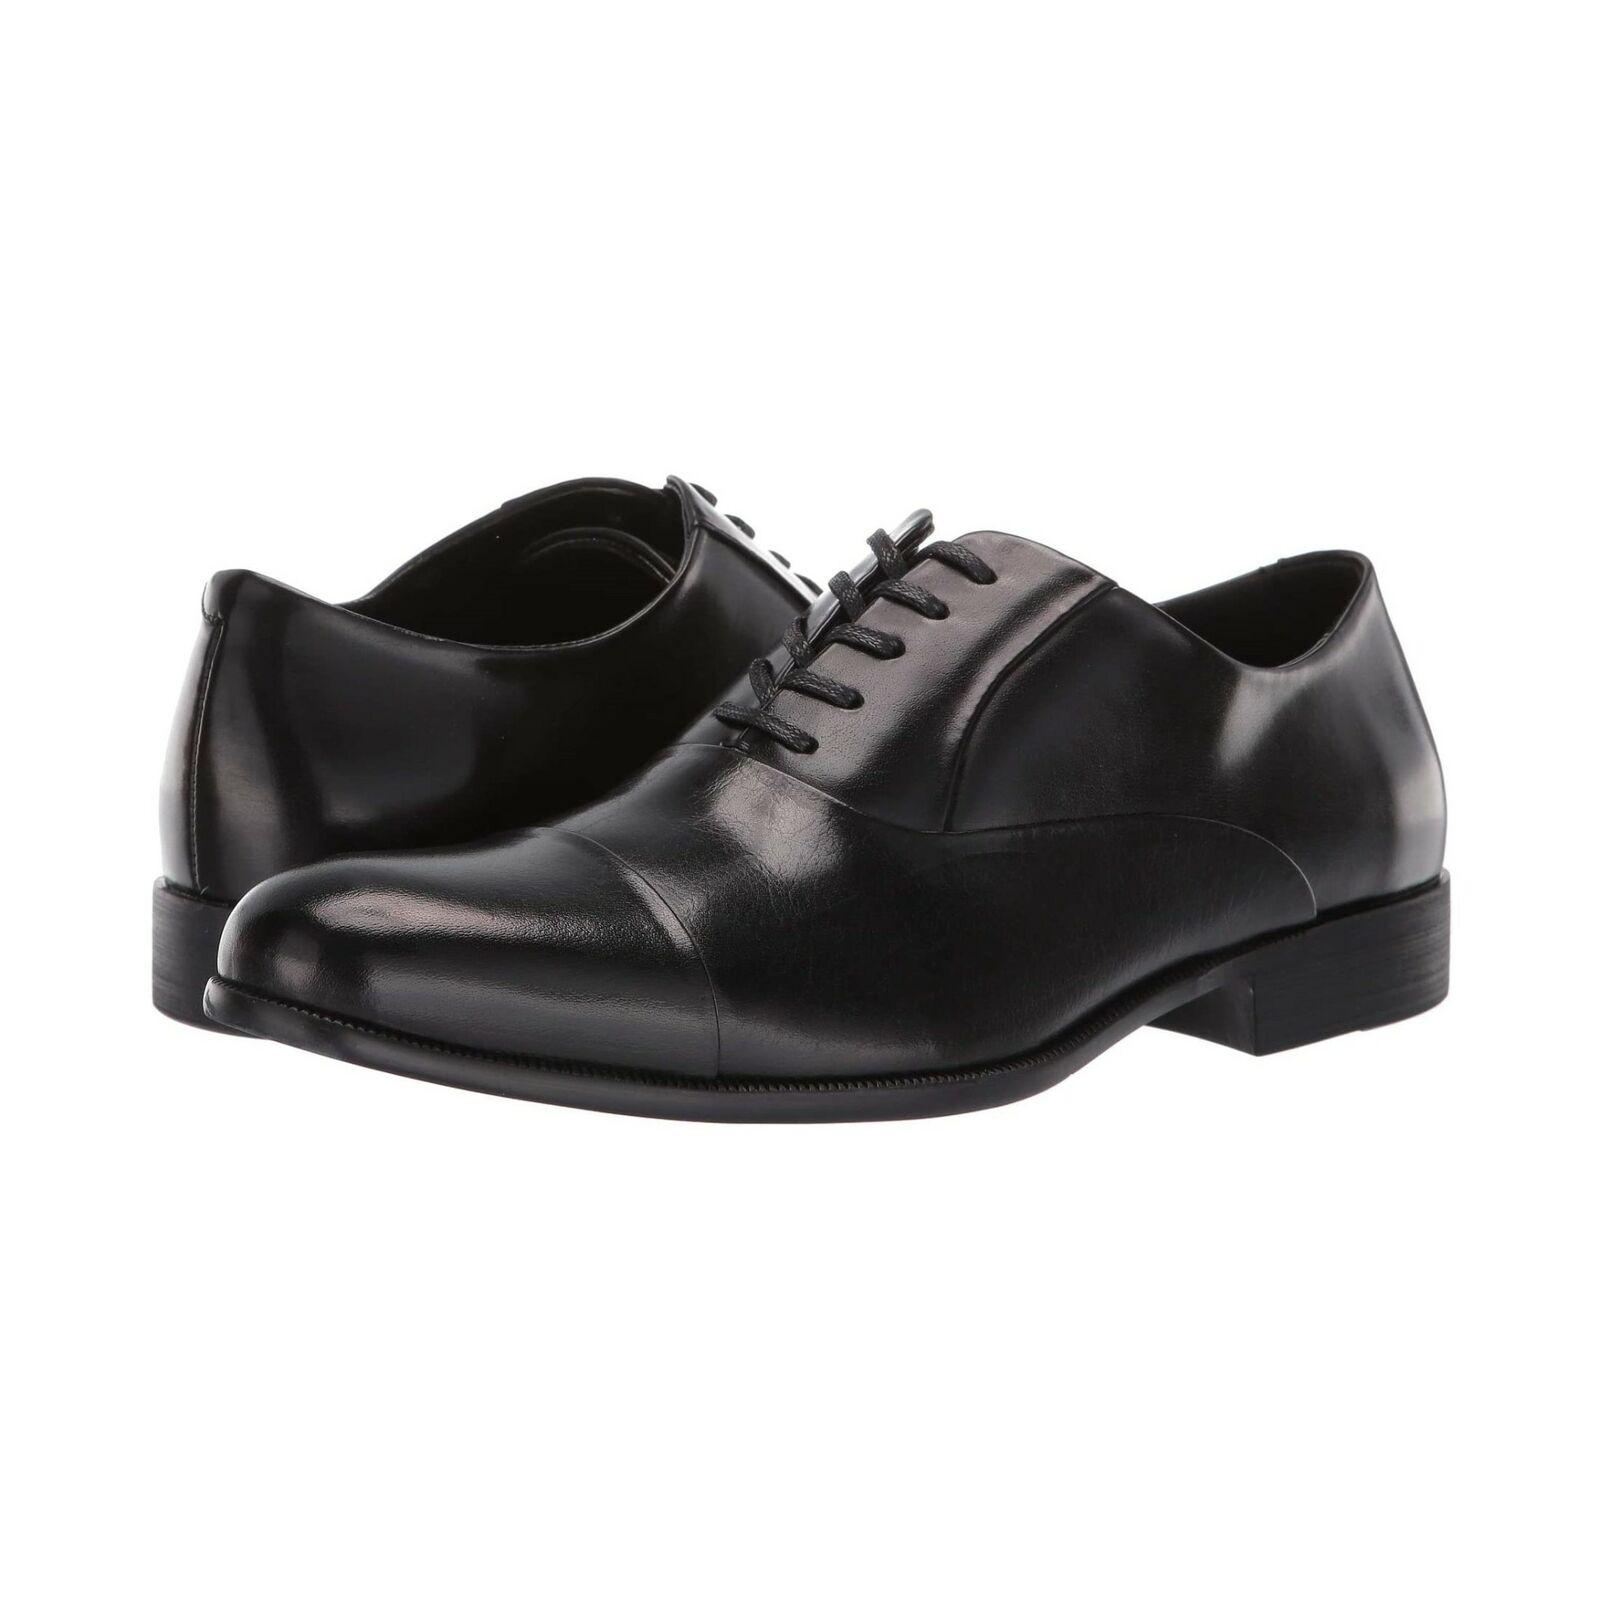 Kenneth Cole Men Cap Toe Dress Oxfords Chief Council Size US 11M Black Leather